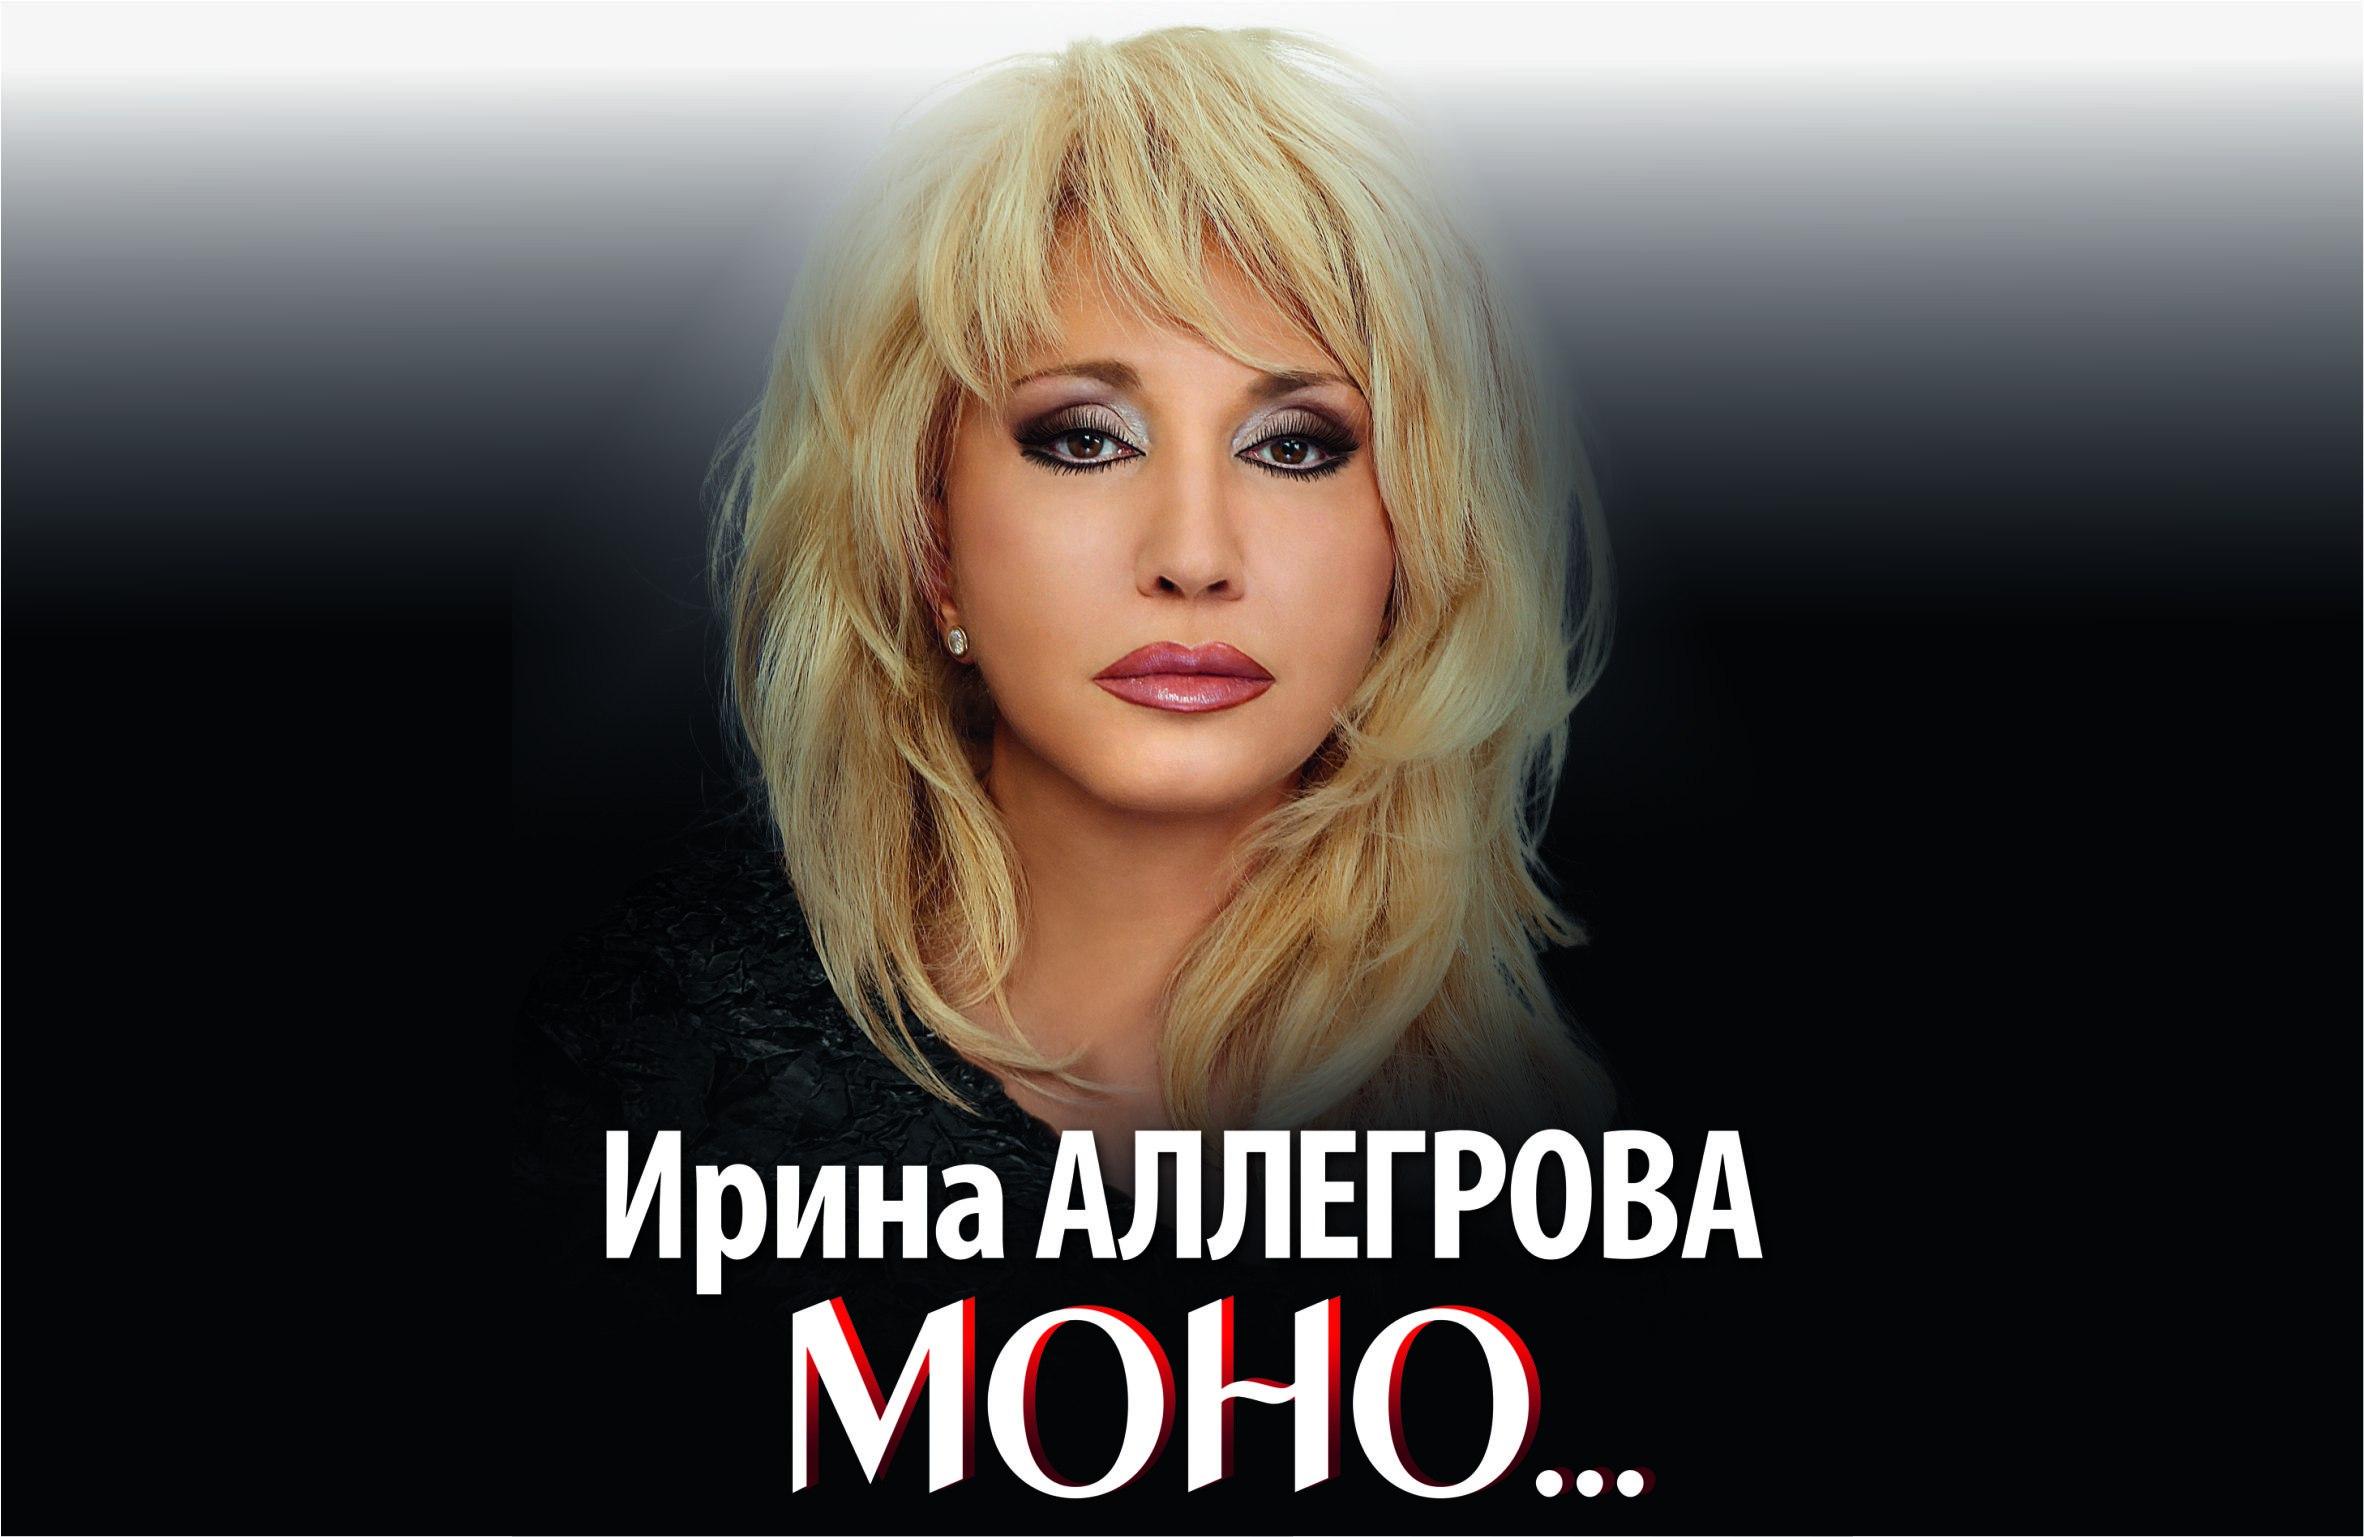 Купить билеты на Ирина Аллегрова